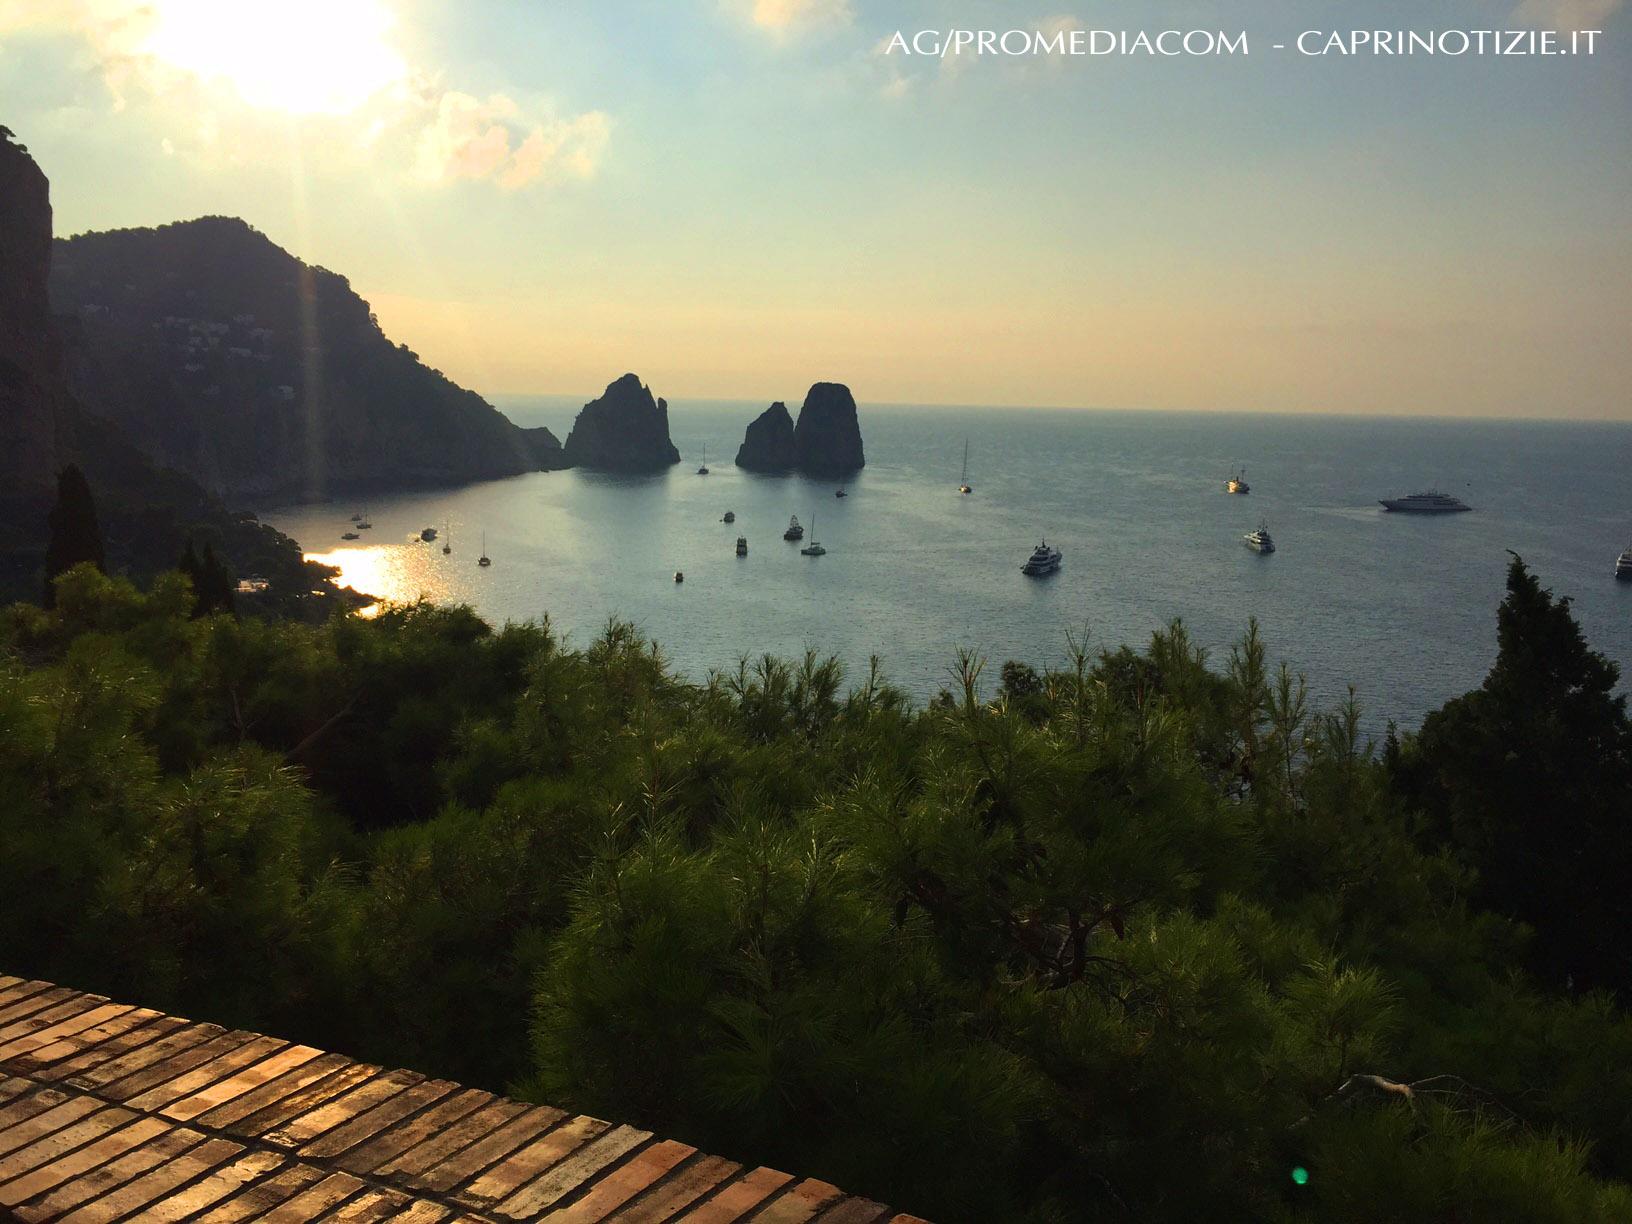 weekend a Capri, le previsioni del tempo per oggi Sabato 13 Luglio 2019